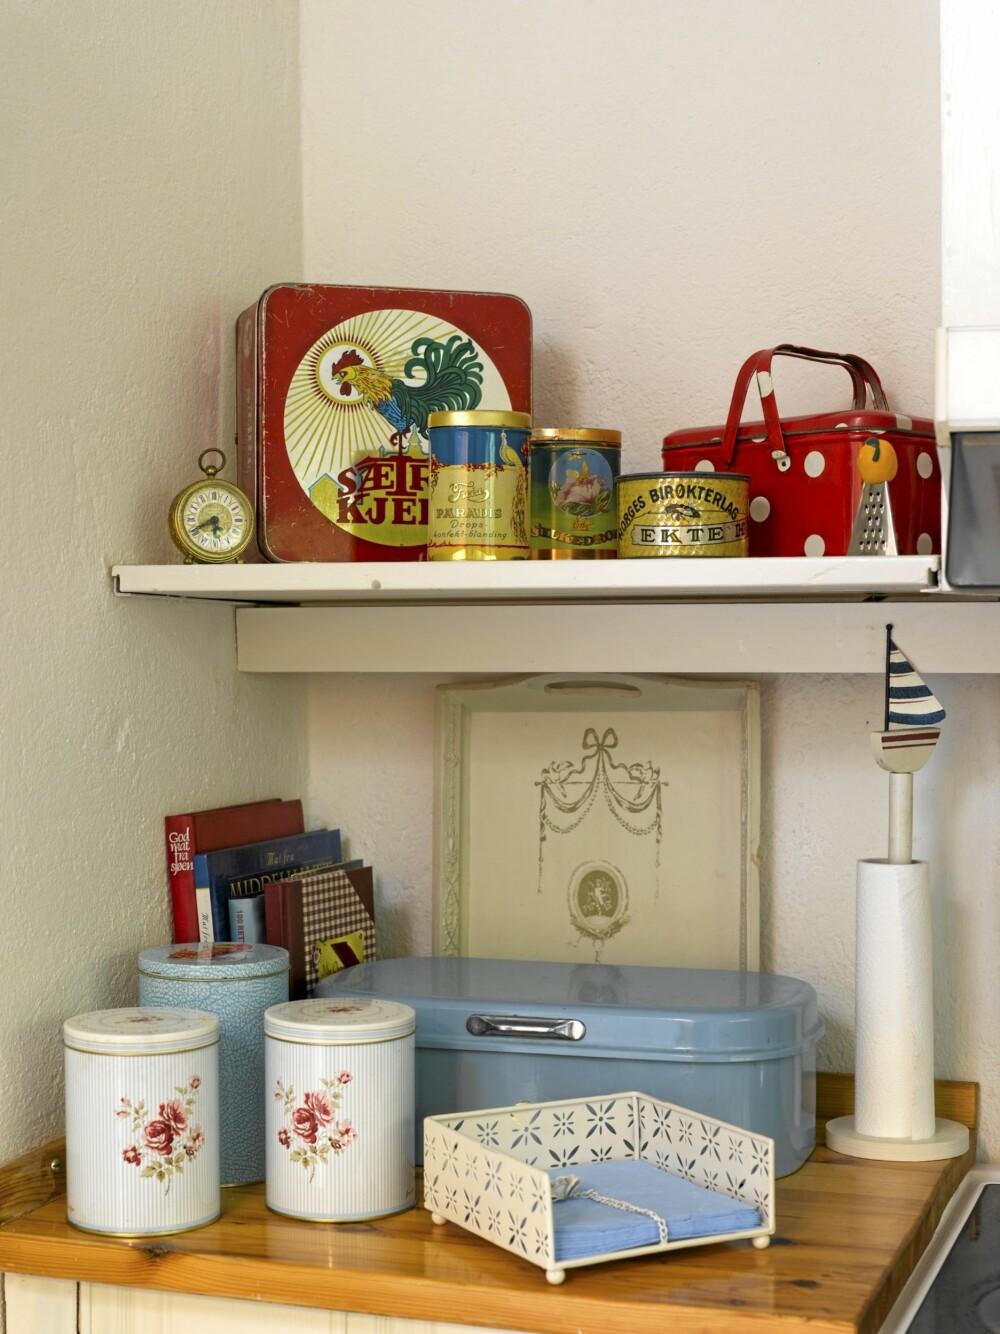 NOSTALGISKE INNSLAG: I det ene hjørnet på kjøkkenet er det en samling av nostalgiske matbokser.